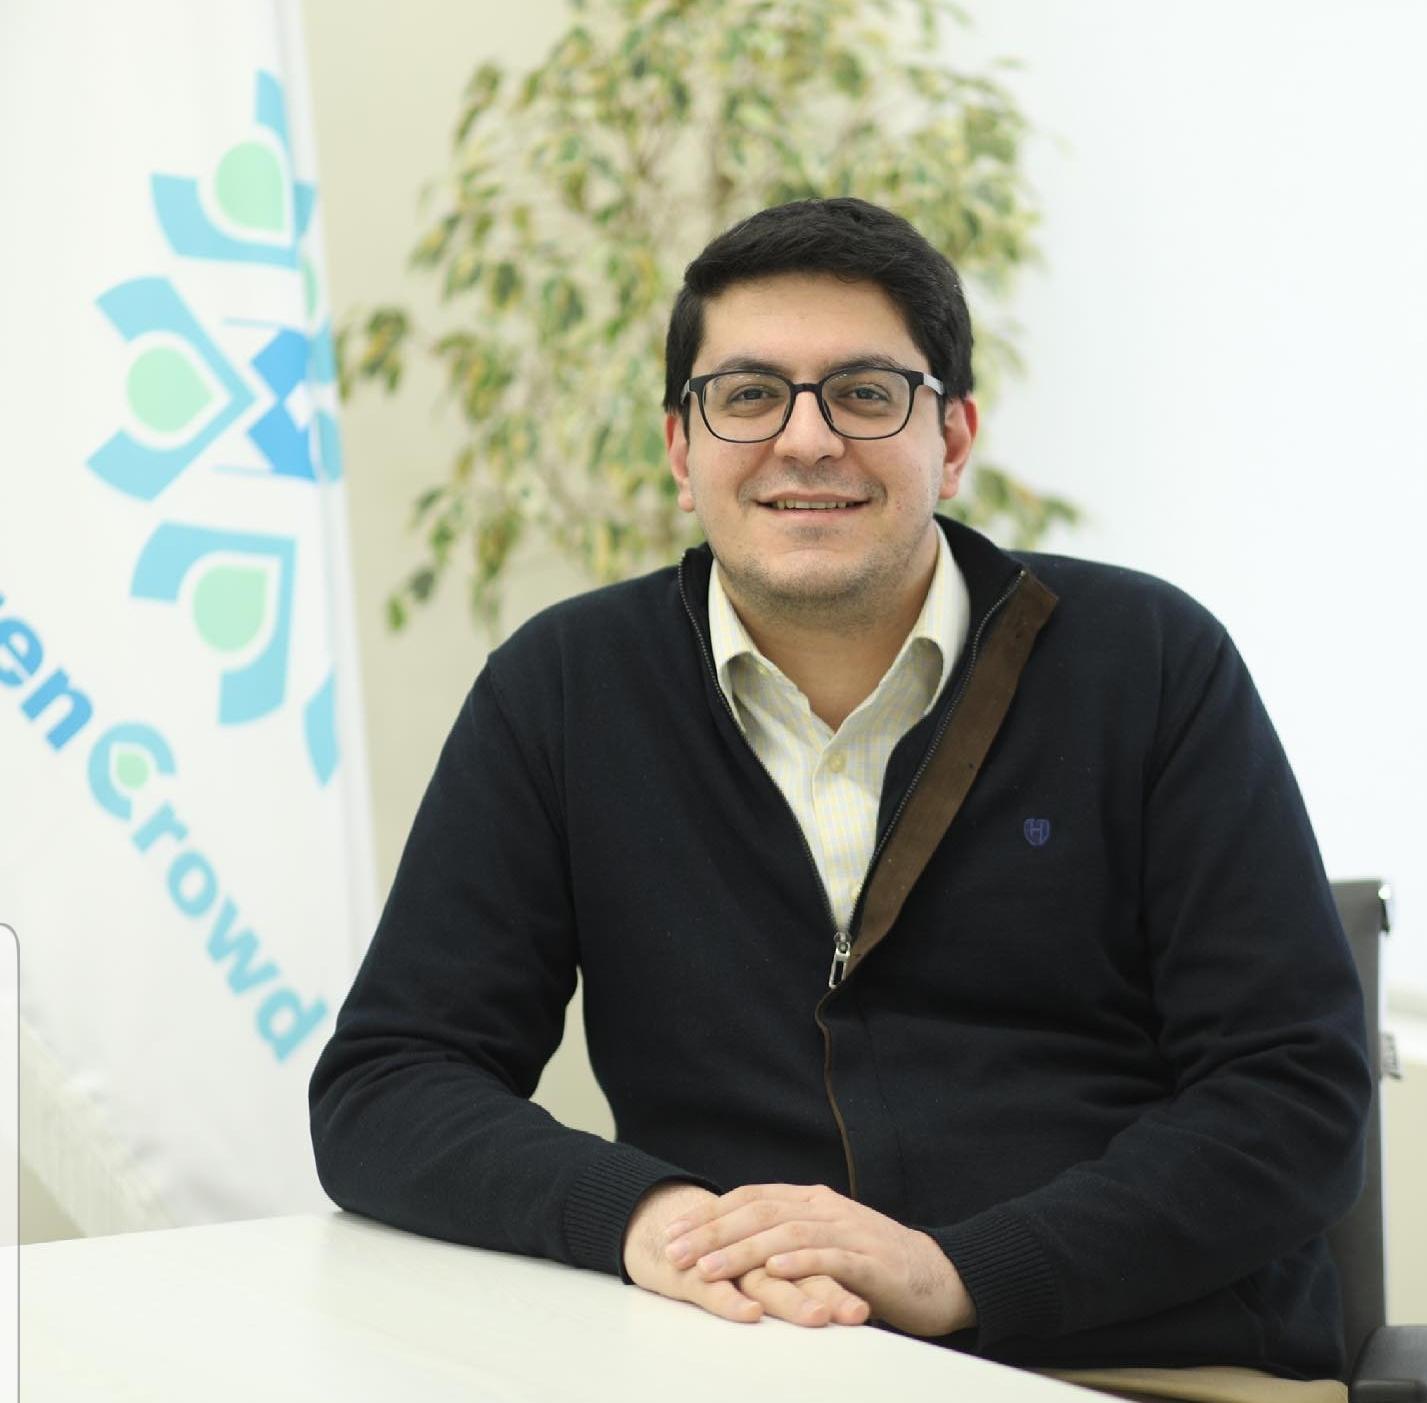 گفتگو با علی عمیدی مدیرعامل کارن کراود در حاشیه اینوتکس 2021